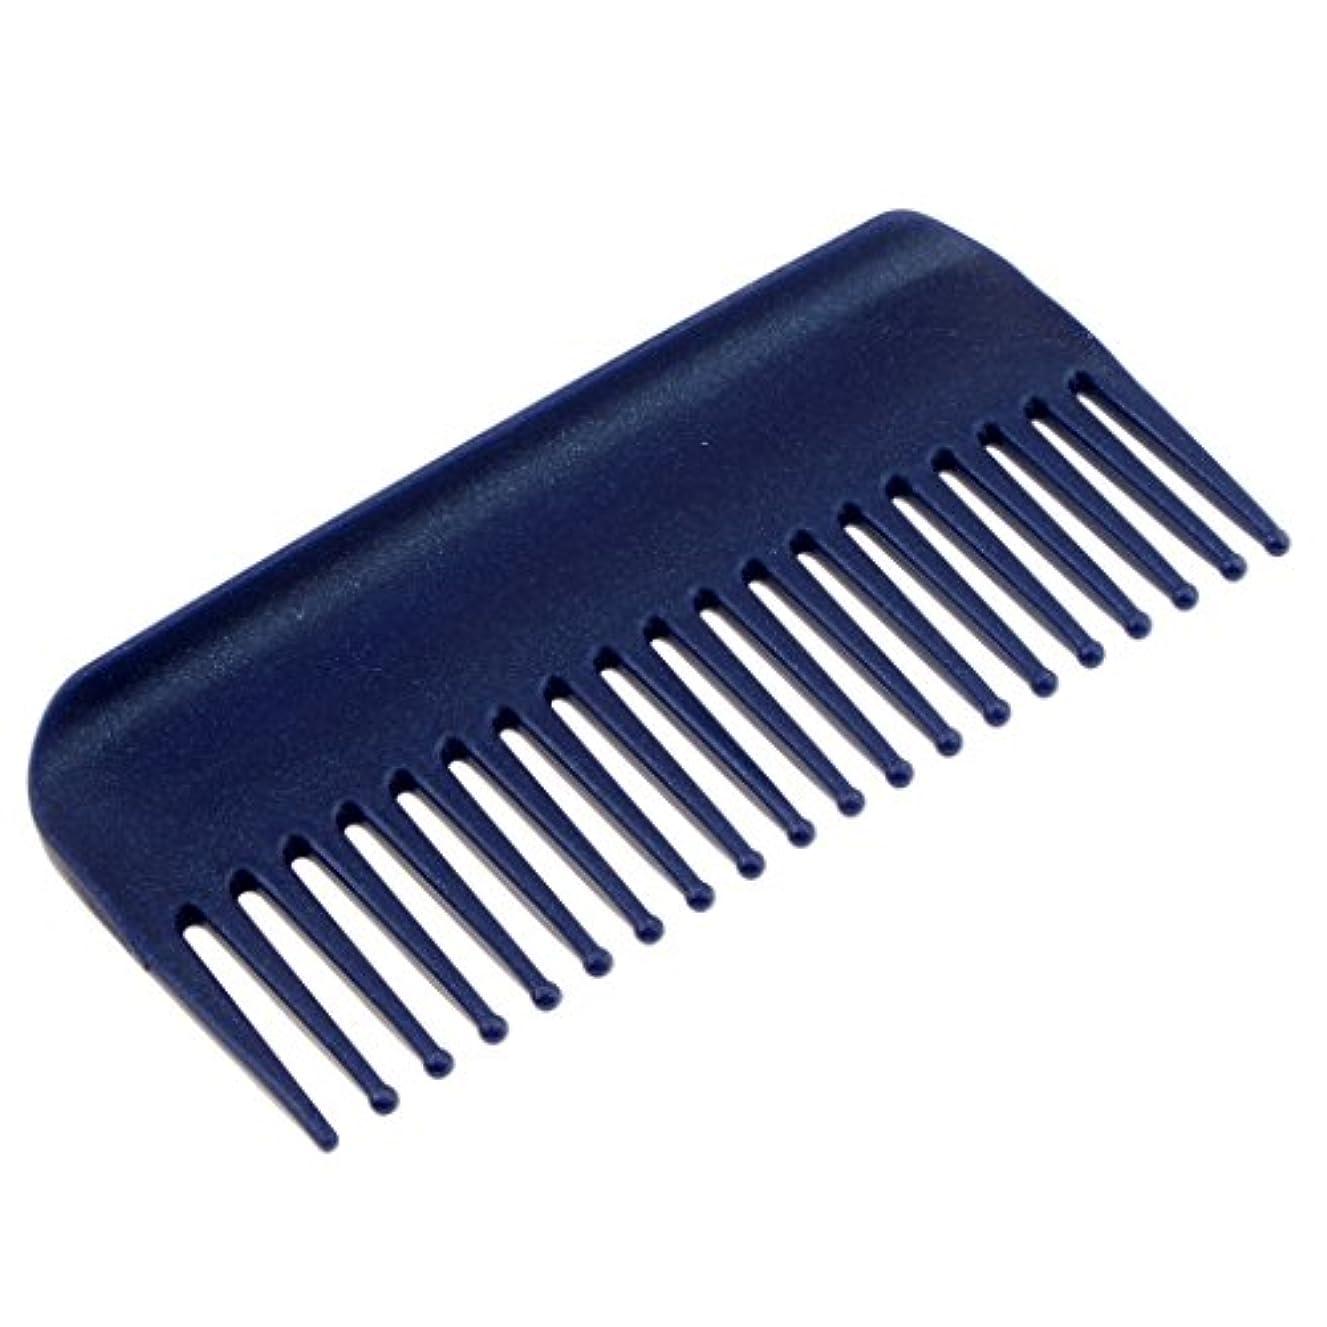 ブルゴーニュメール警告ヘアコーム ヘアブラシ コーム 櫛 くし 頭皮 マッサージ 耐熱性 帯電防止 便利 サロン 自宅用 4色選べる - 青